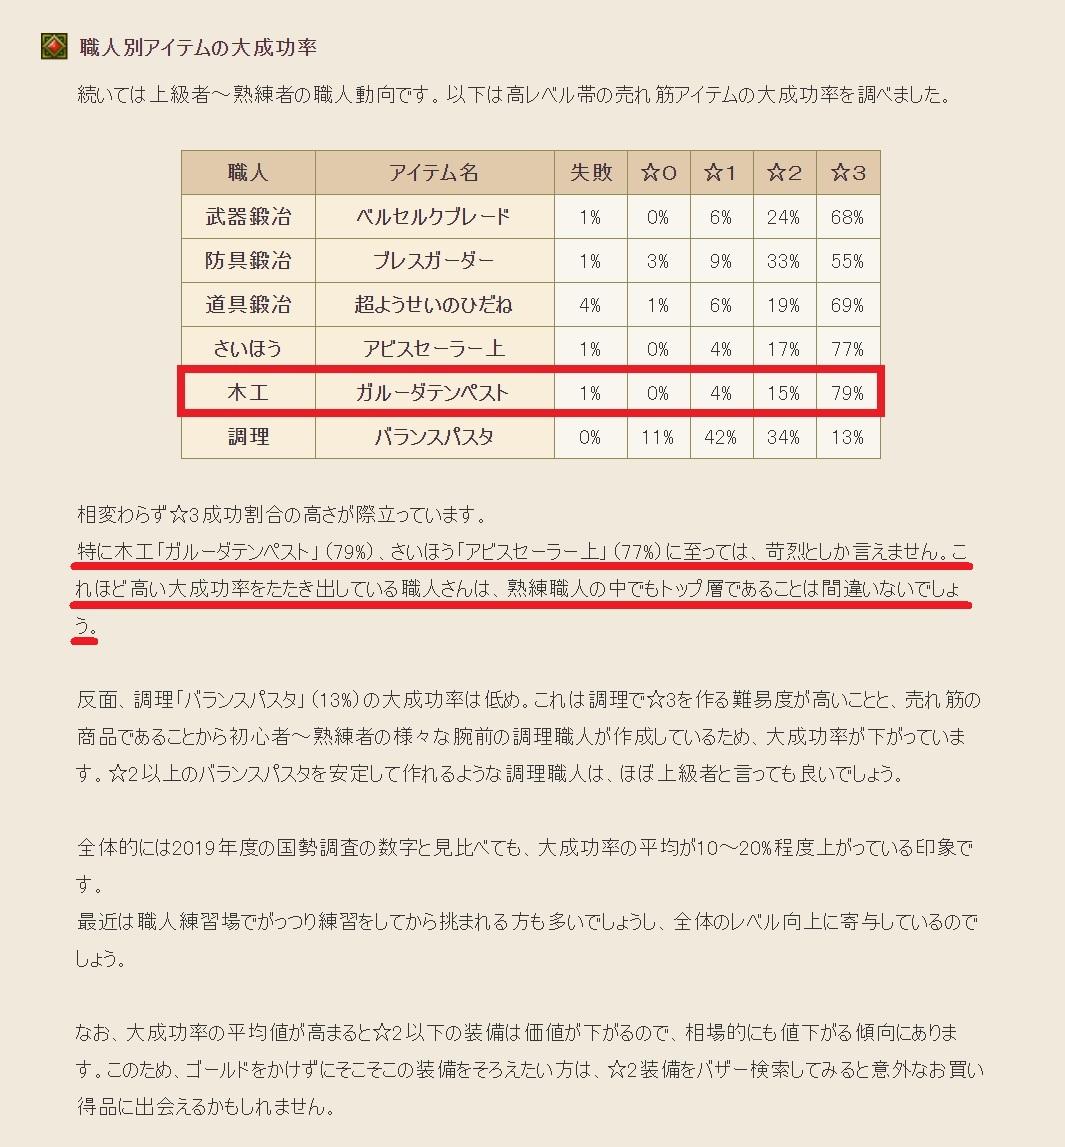 f:id:kamosakura:20200902122752j:plain